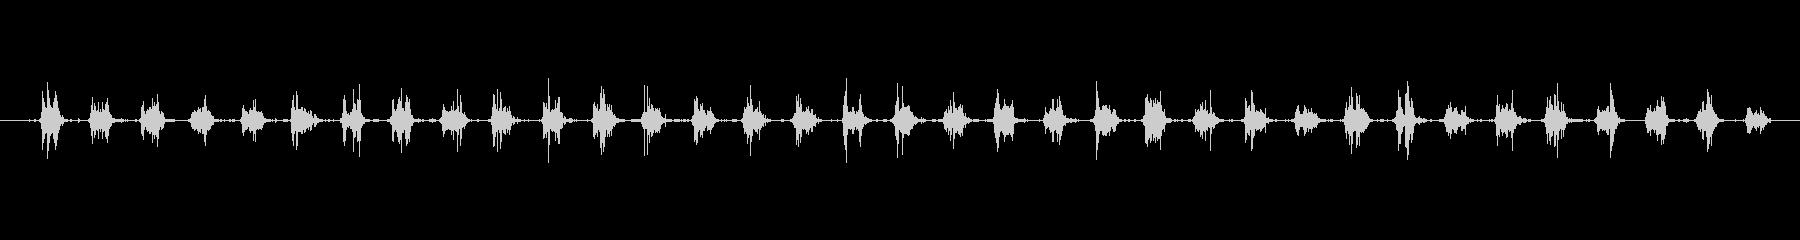 鎧 メタルクラッターマーチスロー01の未再生の波形